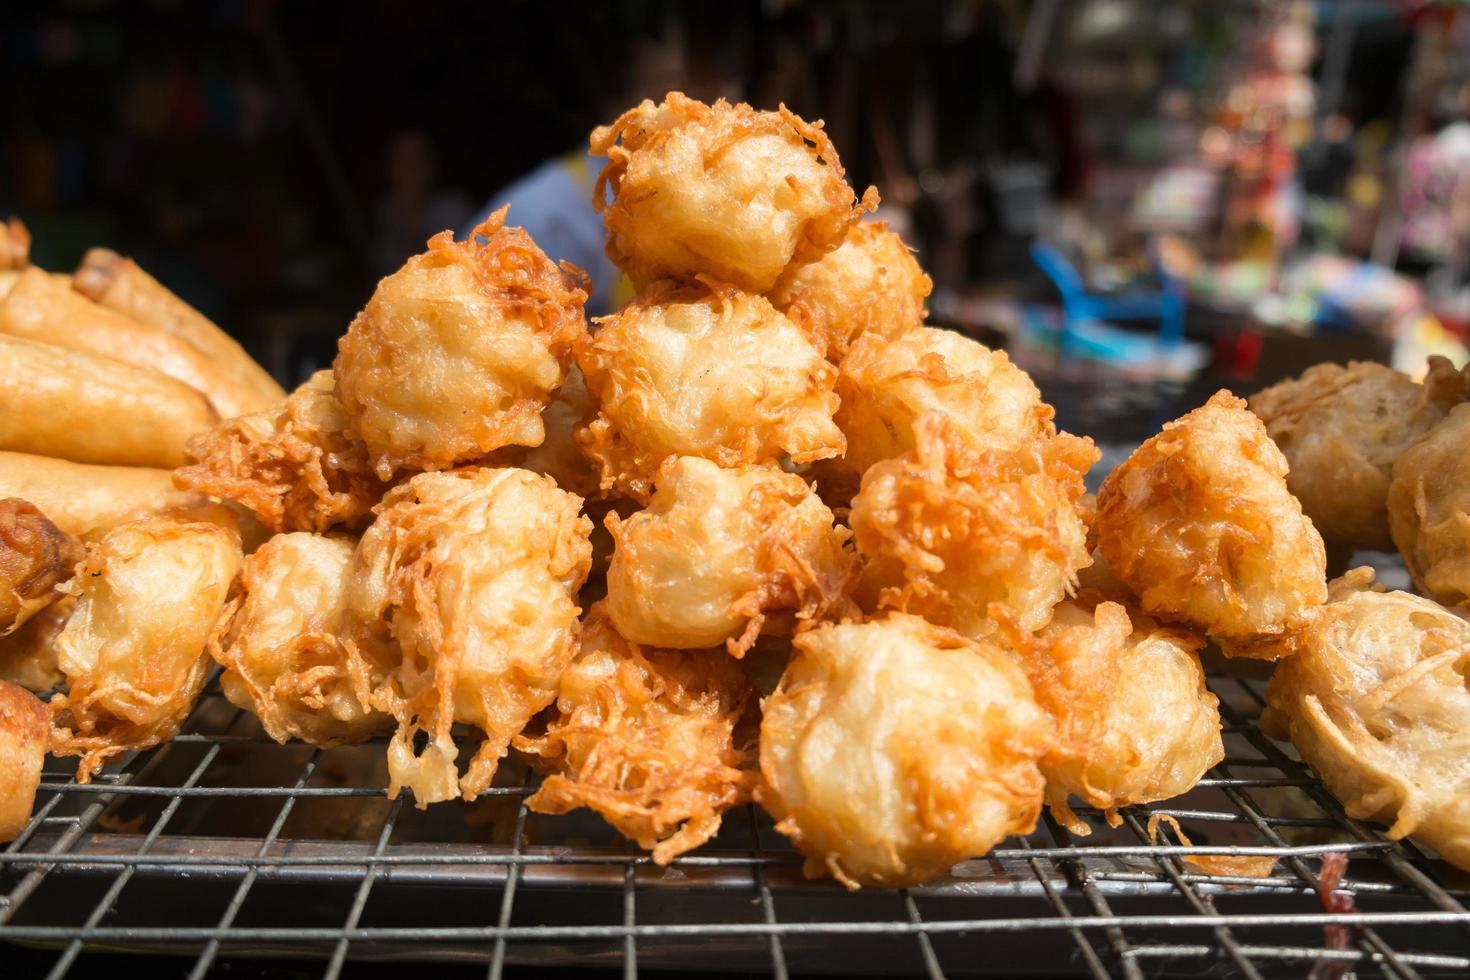 gebakken taro te koop op een lokale markt foto